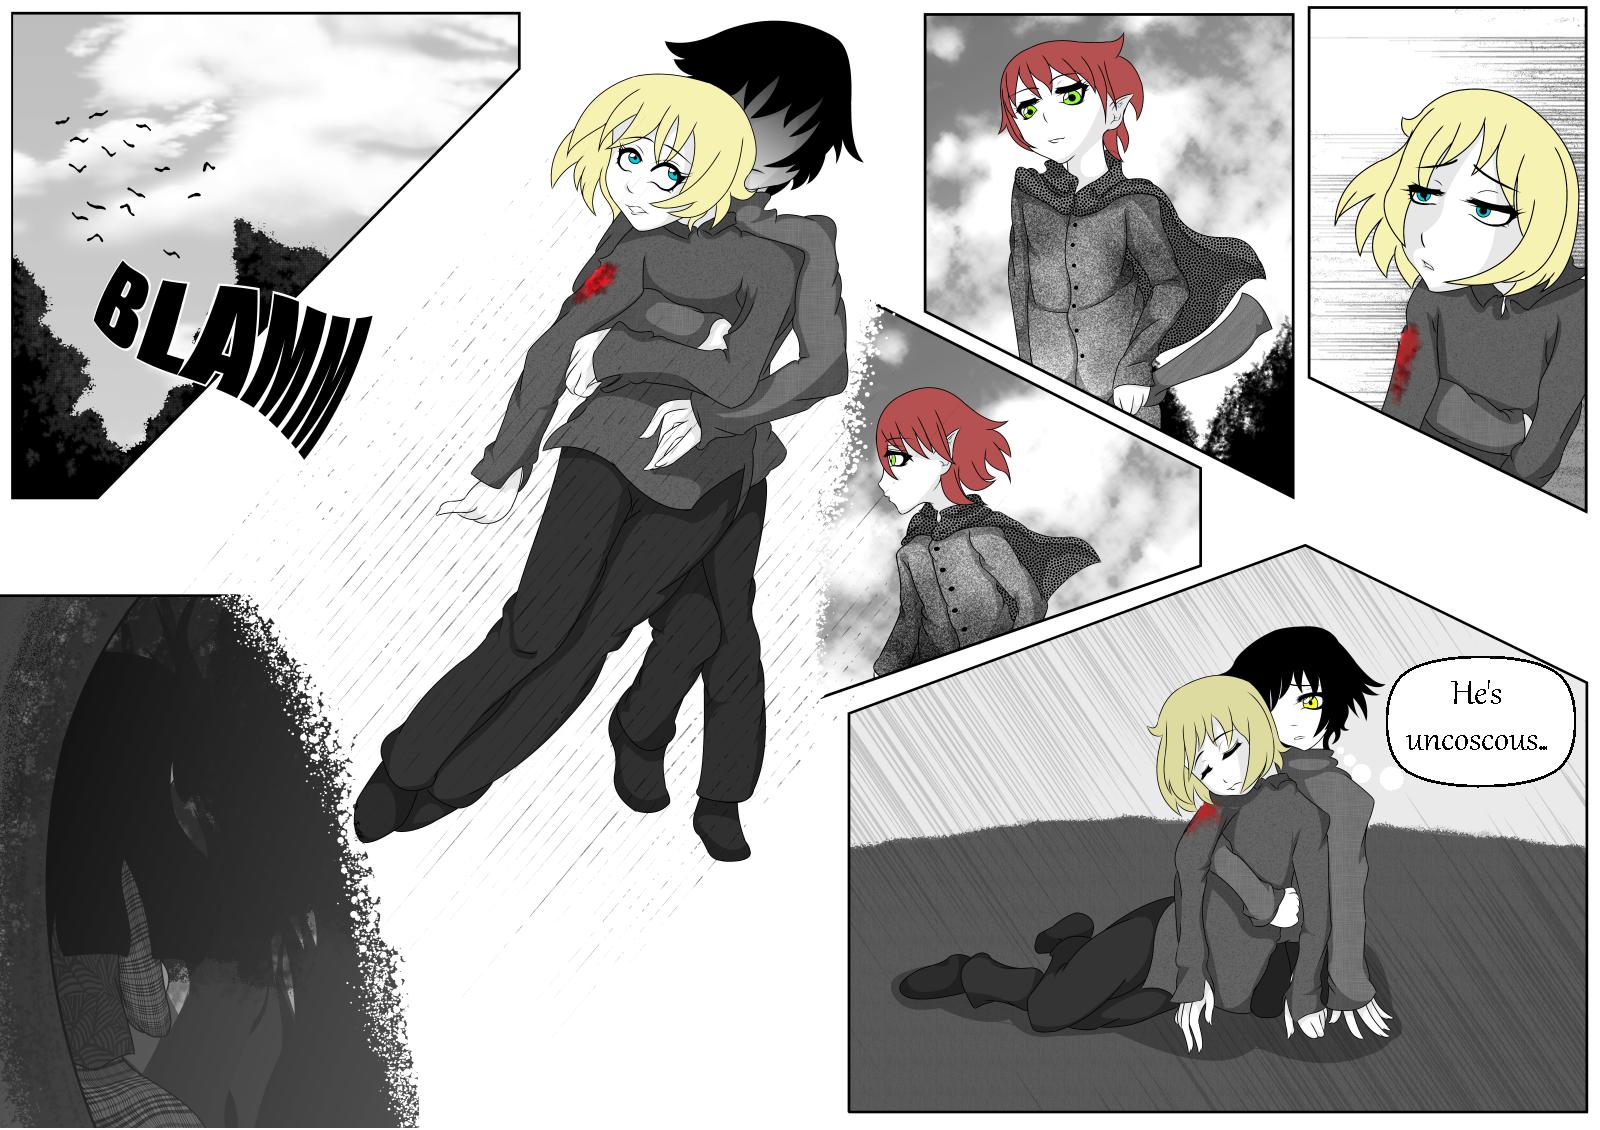 Fall 1 (Akt 1) Page 17 - 18